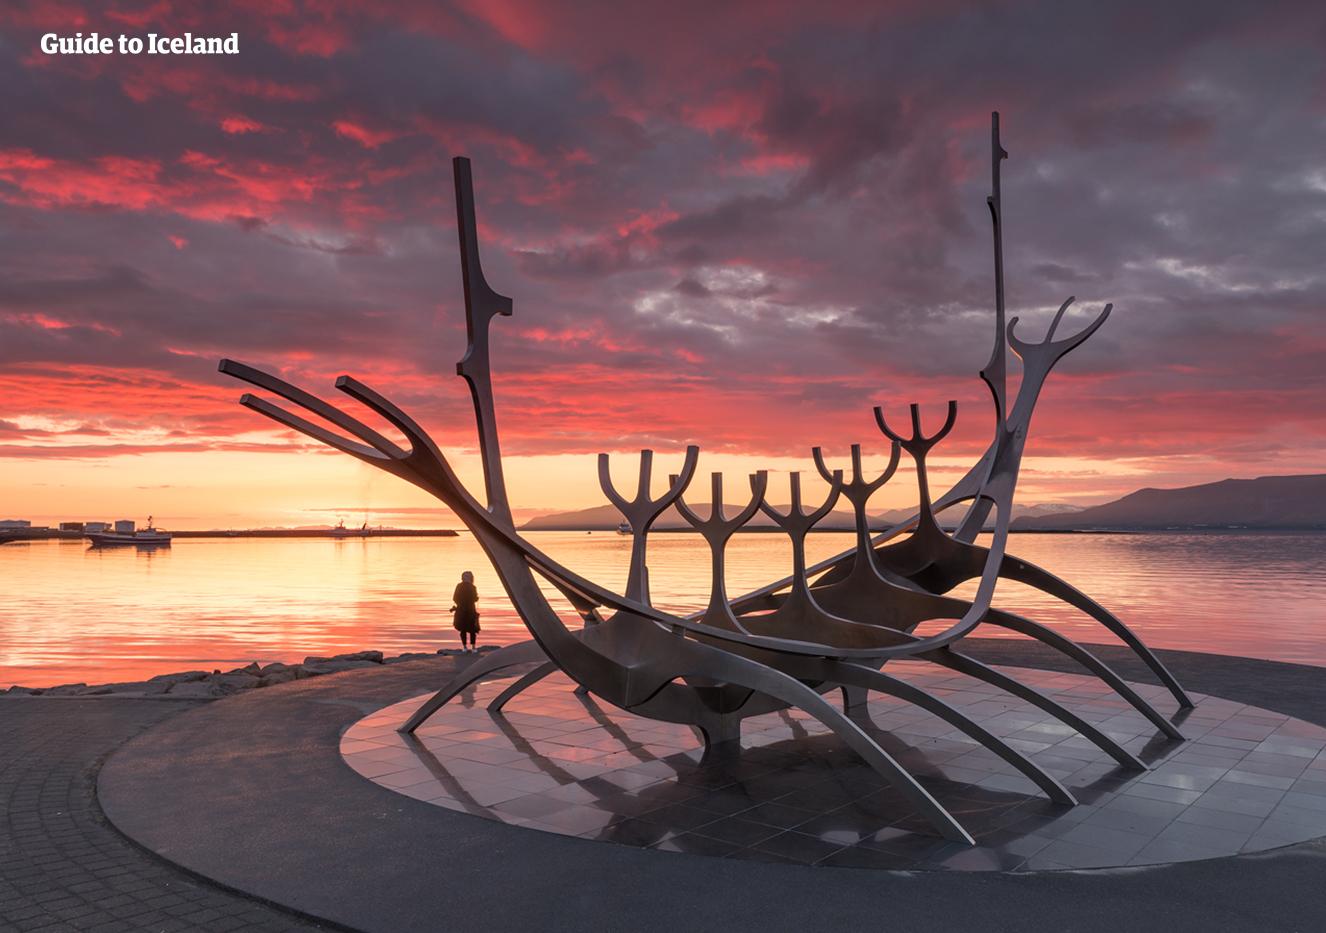 在冰岛首都雷克雅未克Reykjavík您可以找到许多特色酒吧、博物馆和美术馆